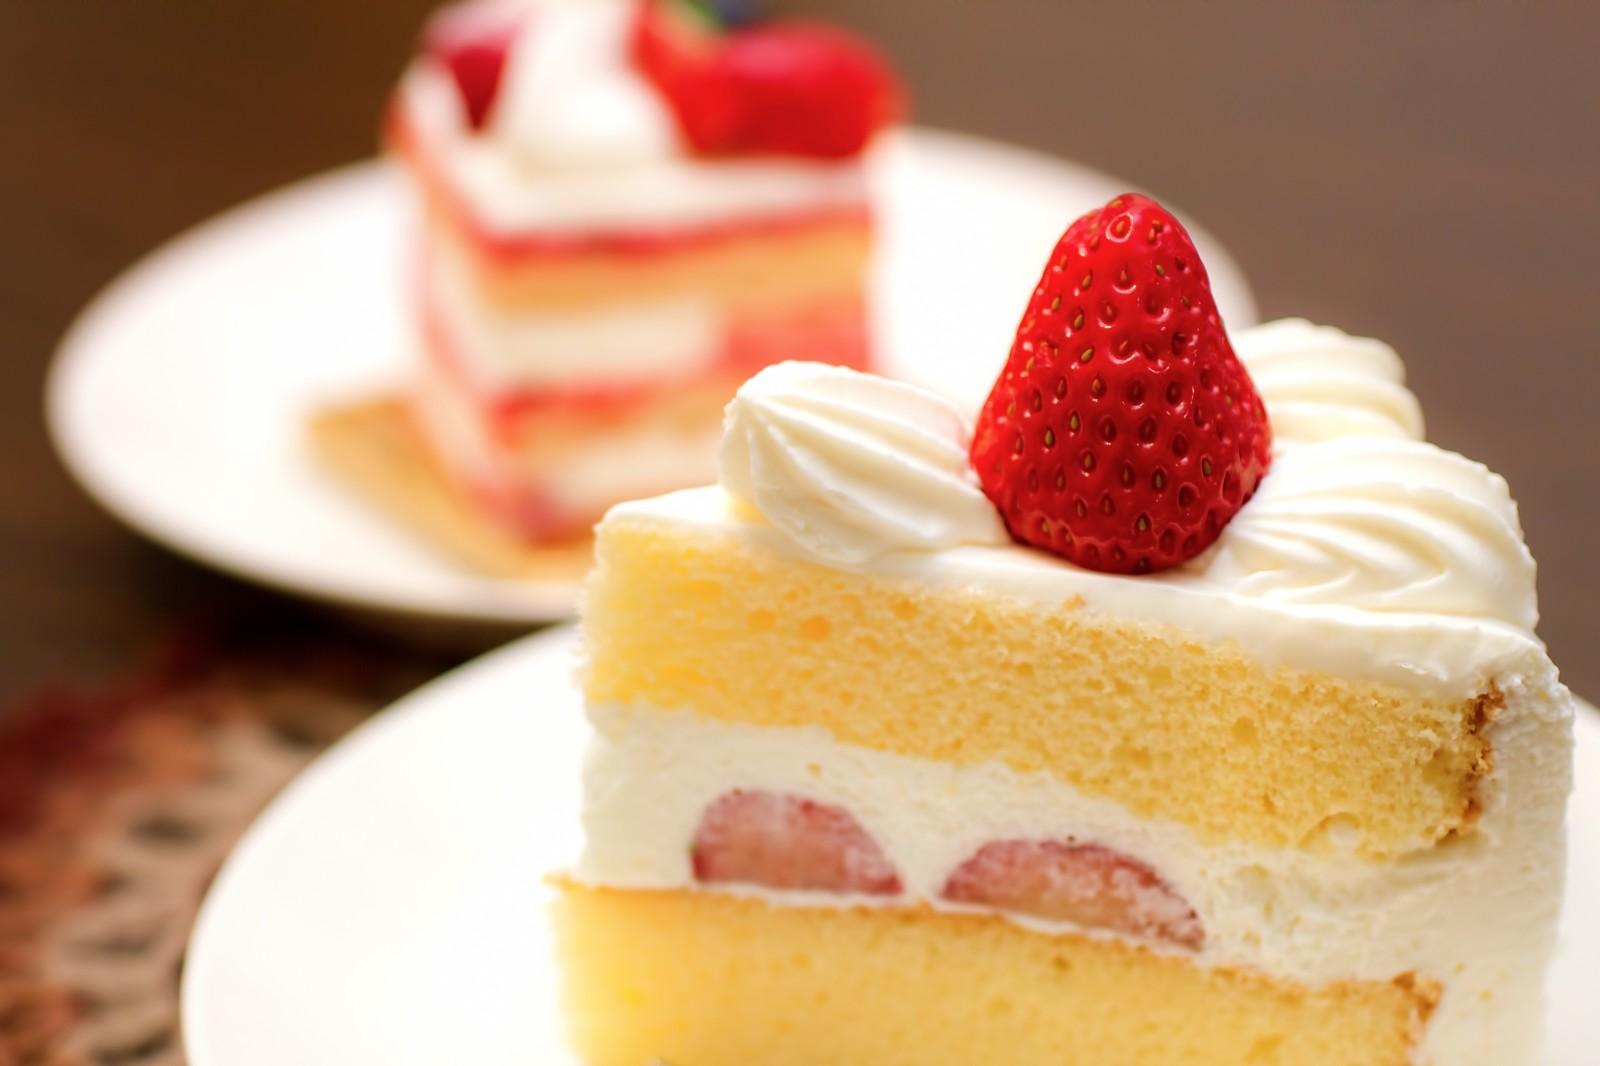 高松でケーキ屋ならココがおすすめ!カフェを併設した人気店もあり!